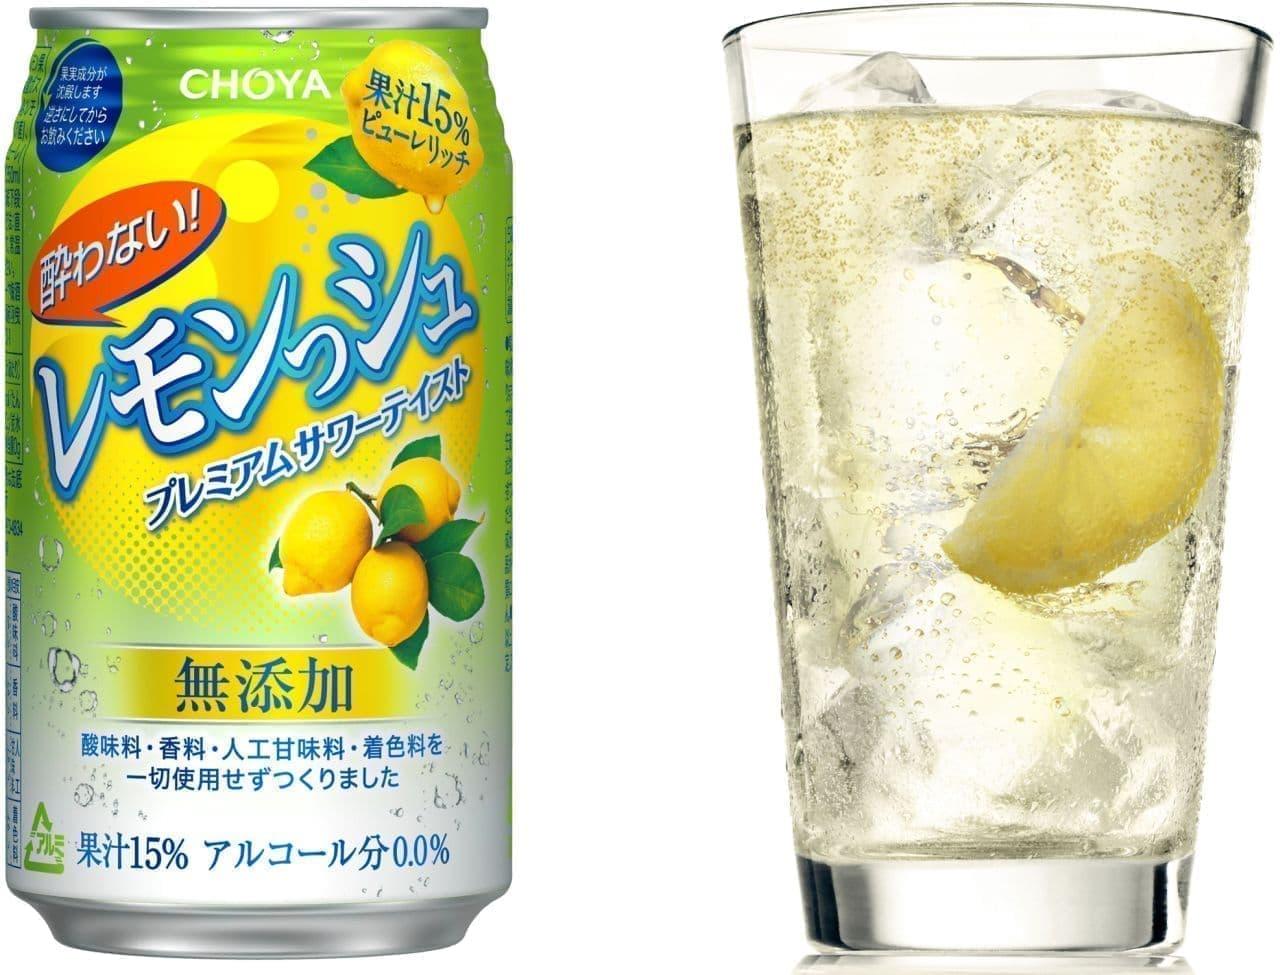 チョーヤ梅酒「酔わないレモンっシュ」